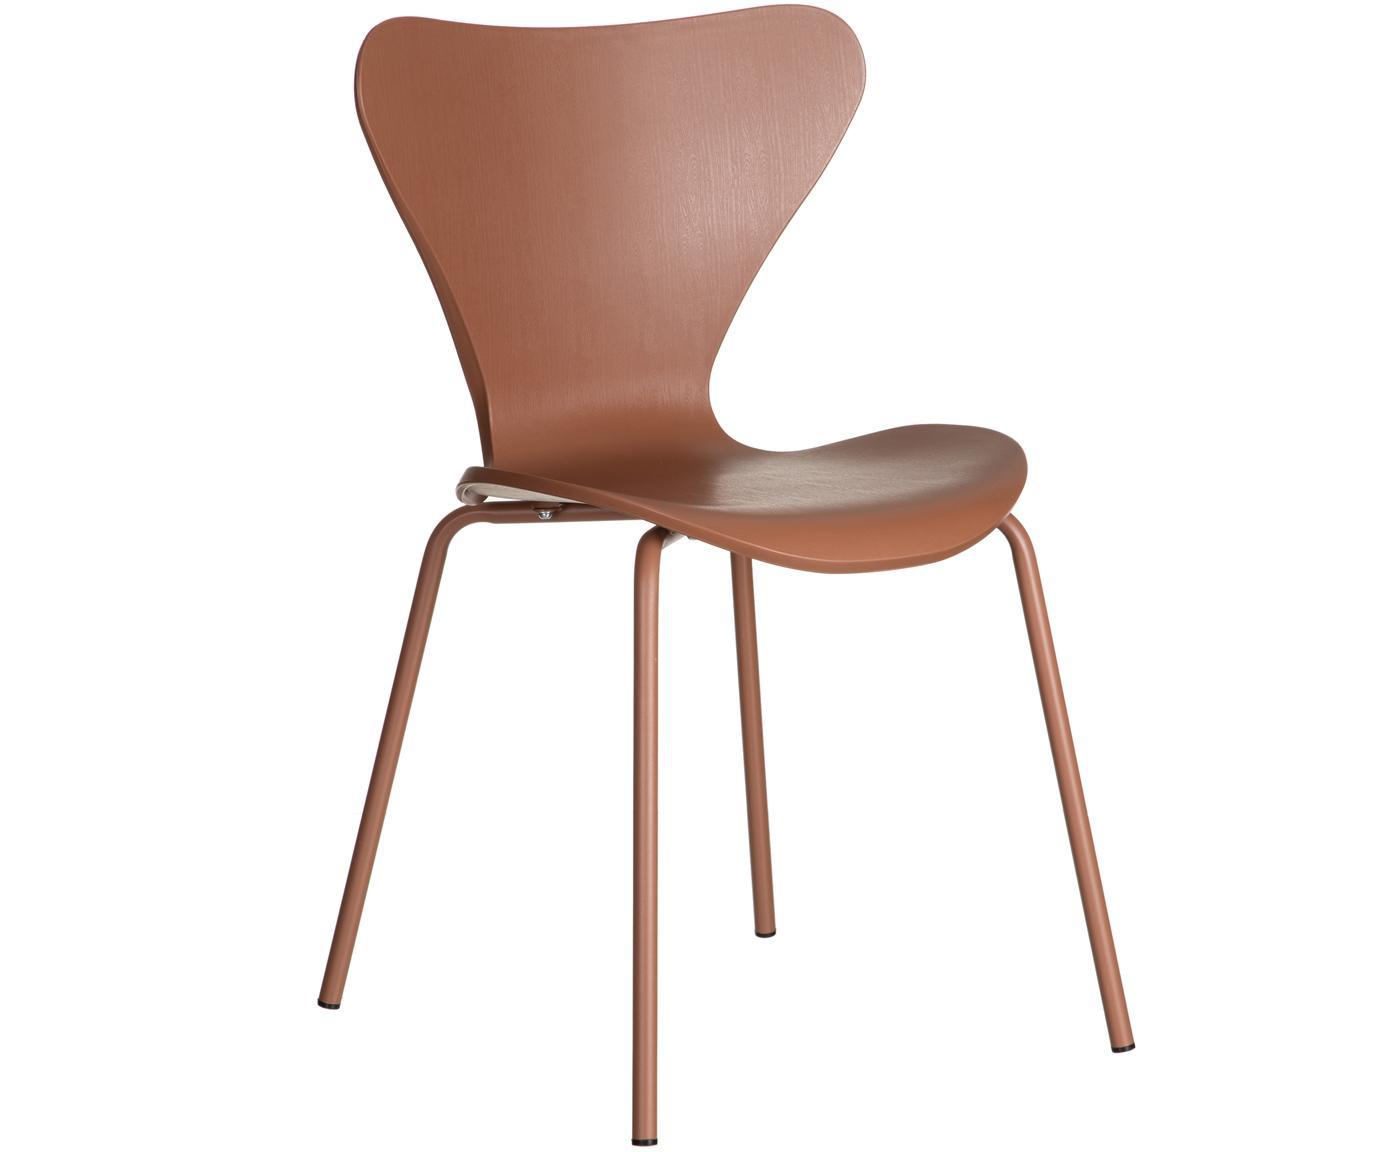 Krzesło z tworzywa sztucznego Pippi, 2 szt., Polipropylen, metal, Brązowy, S 50 x G 47 cm